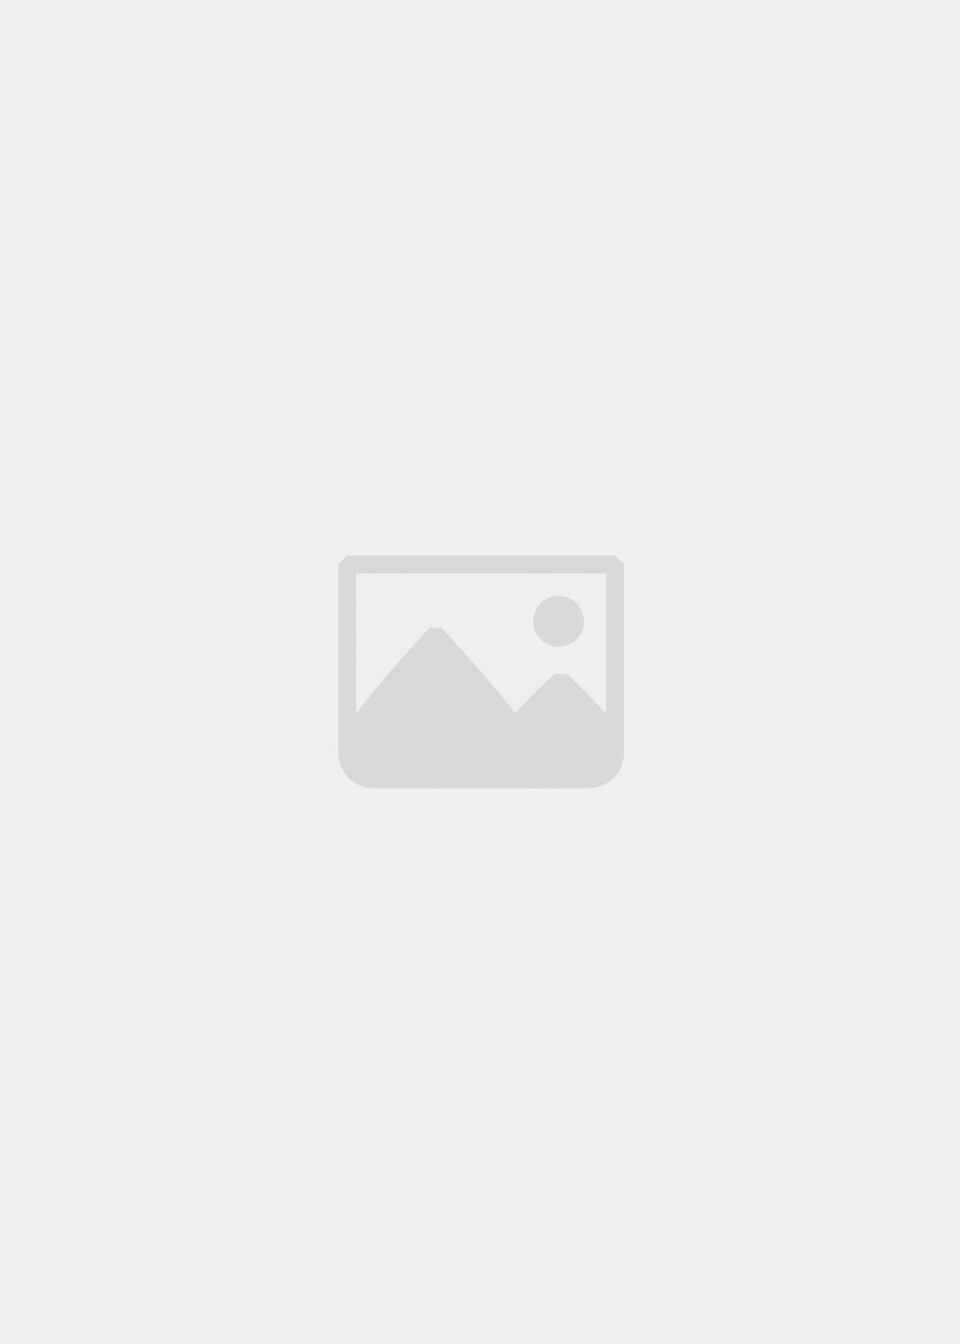 Свитера, Кардиган с леопардовым рисунком, bonprix, серый с леопардовым рисунком  - купить со скидкой